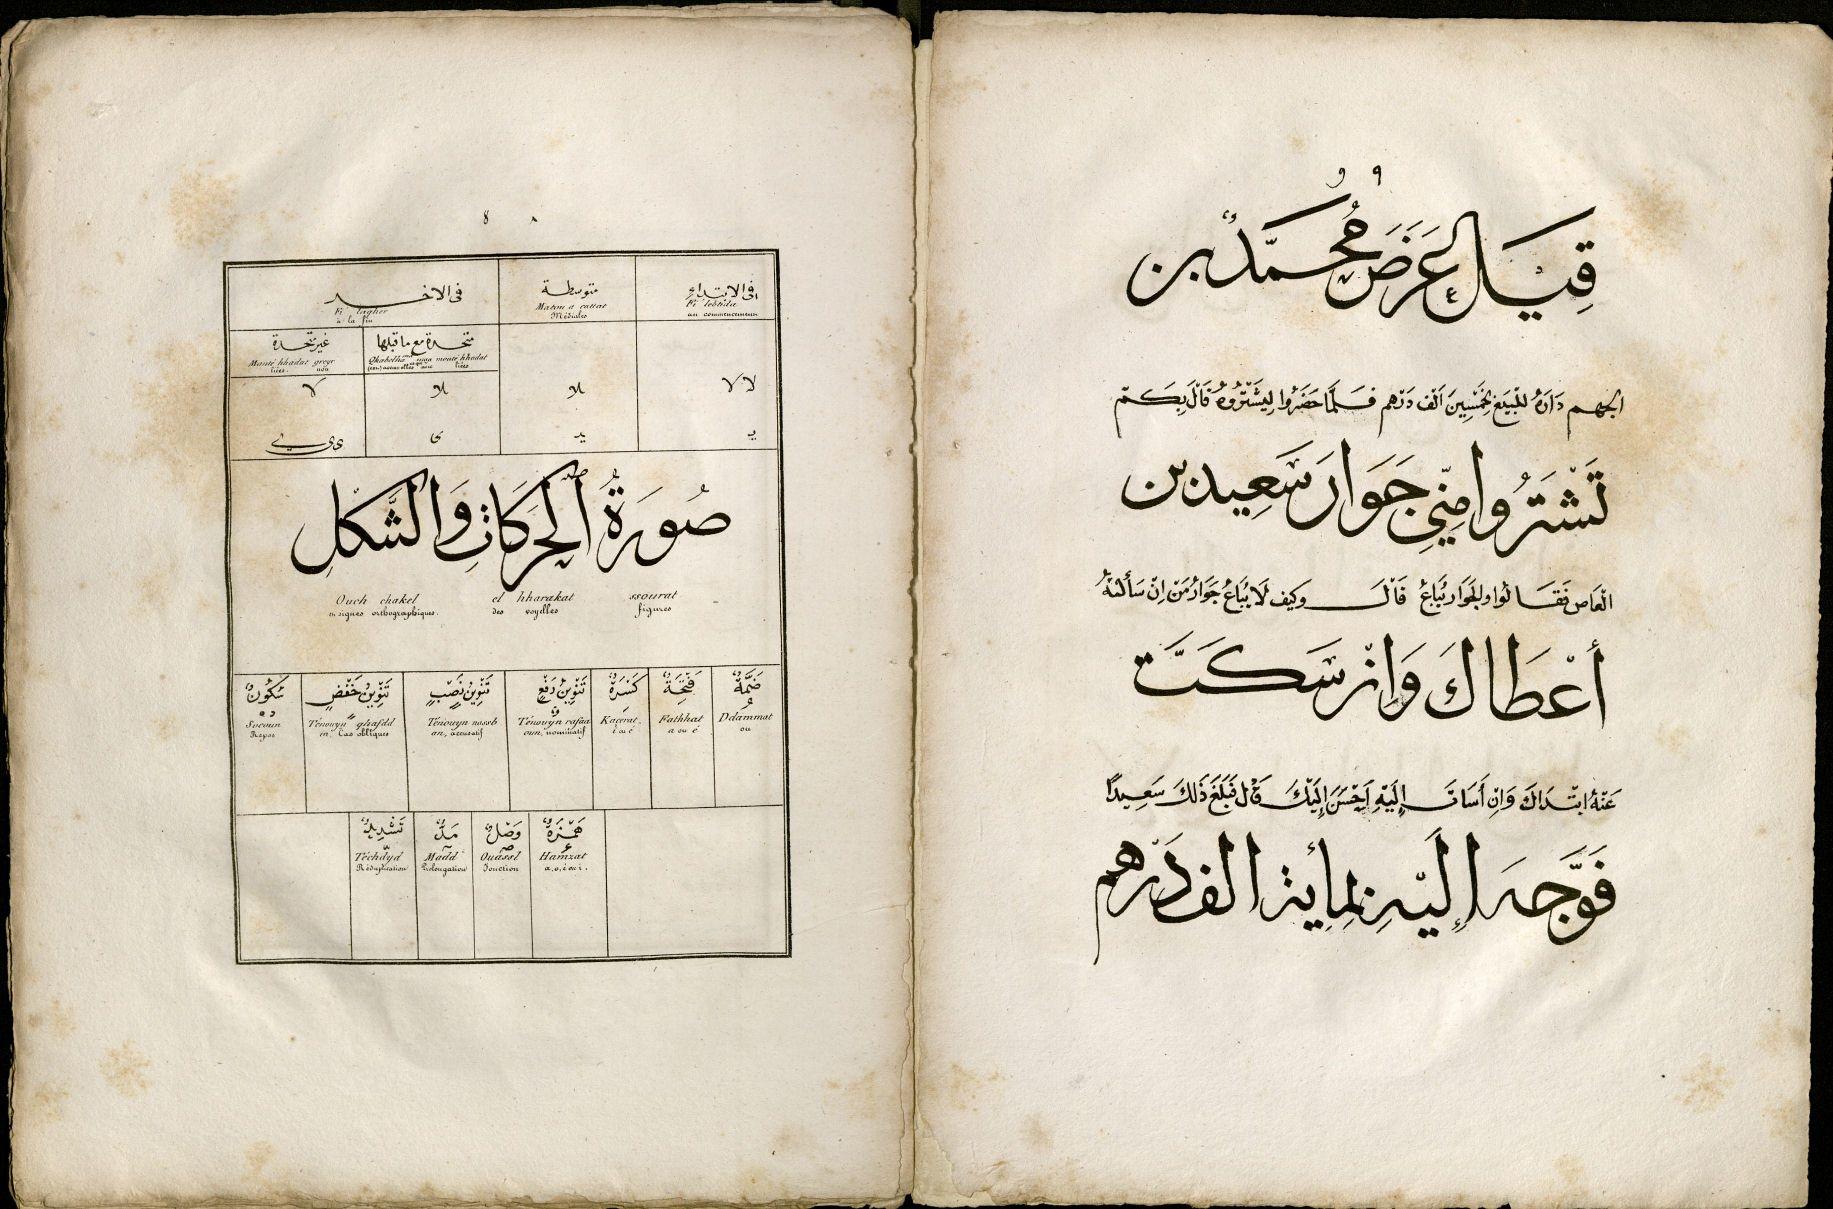 Alphabet arabe, accompagné d'exemples / écrit par Ellious Bocthor (opening) TypW 815.20.223